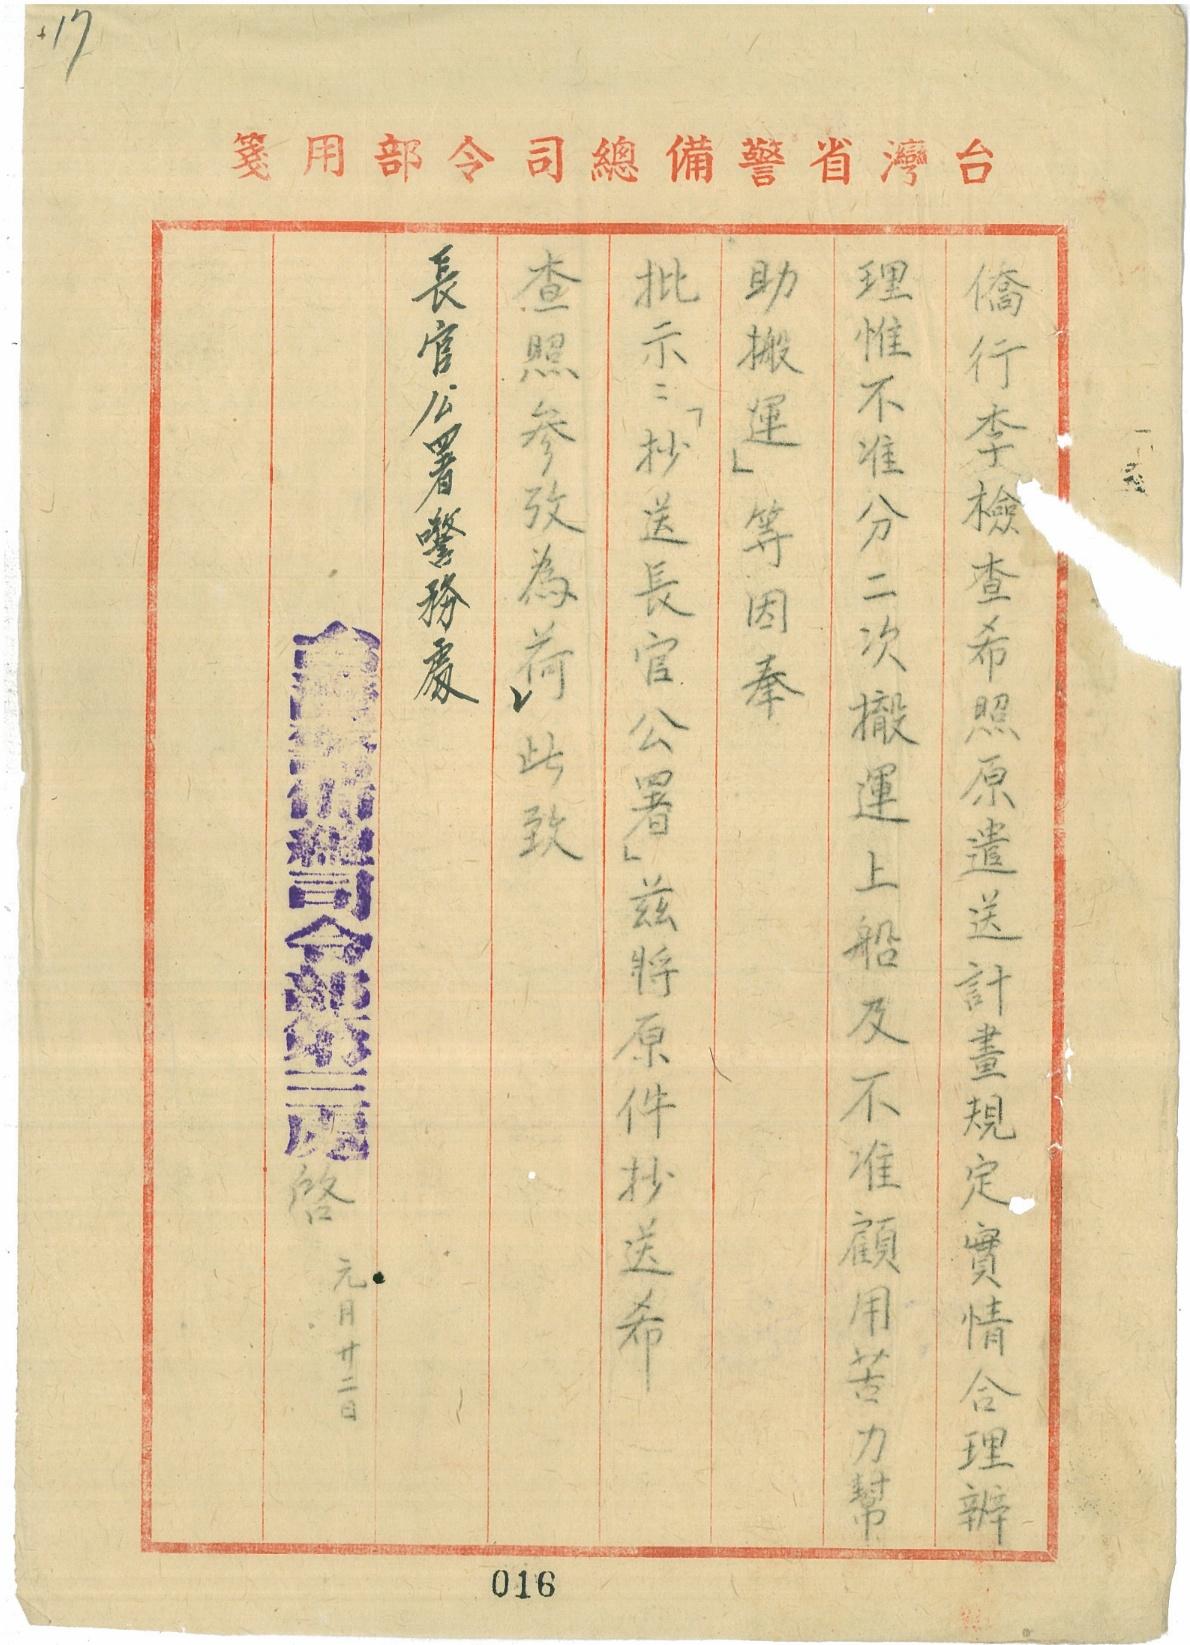 圖8:日俘僑歸國自行攜帶行李之原則(續)